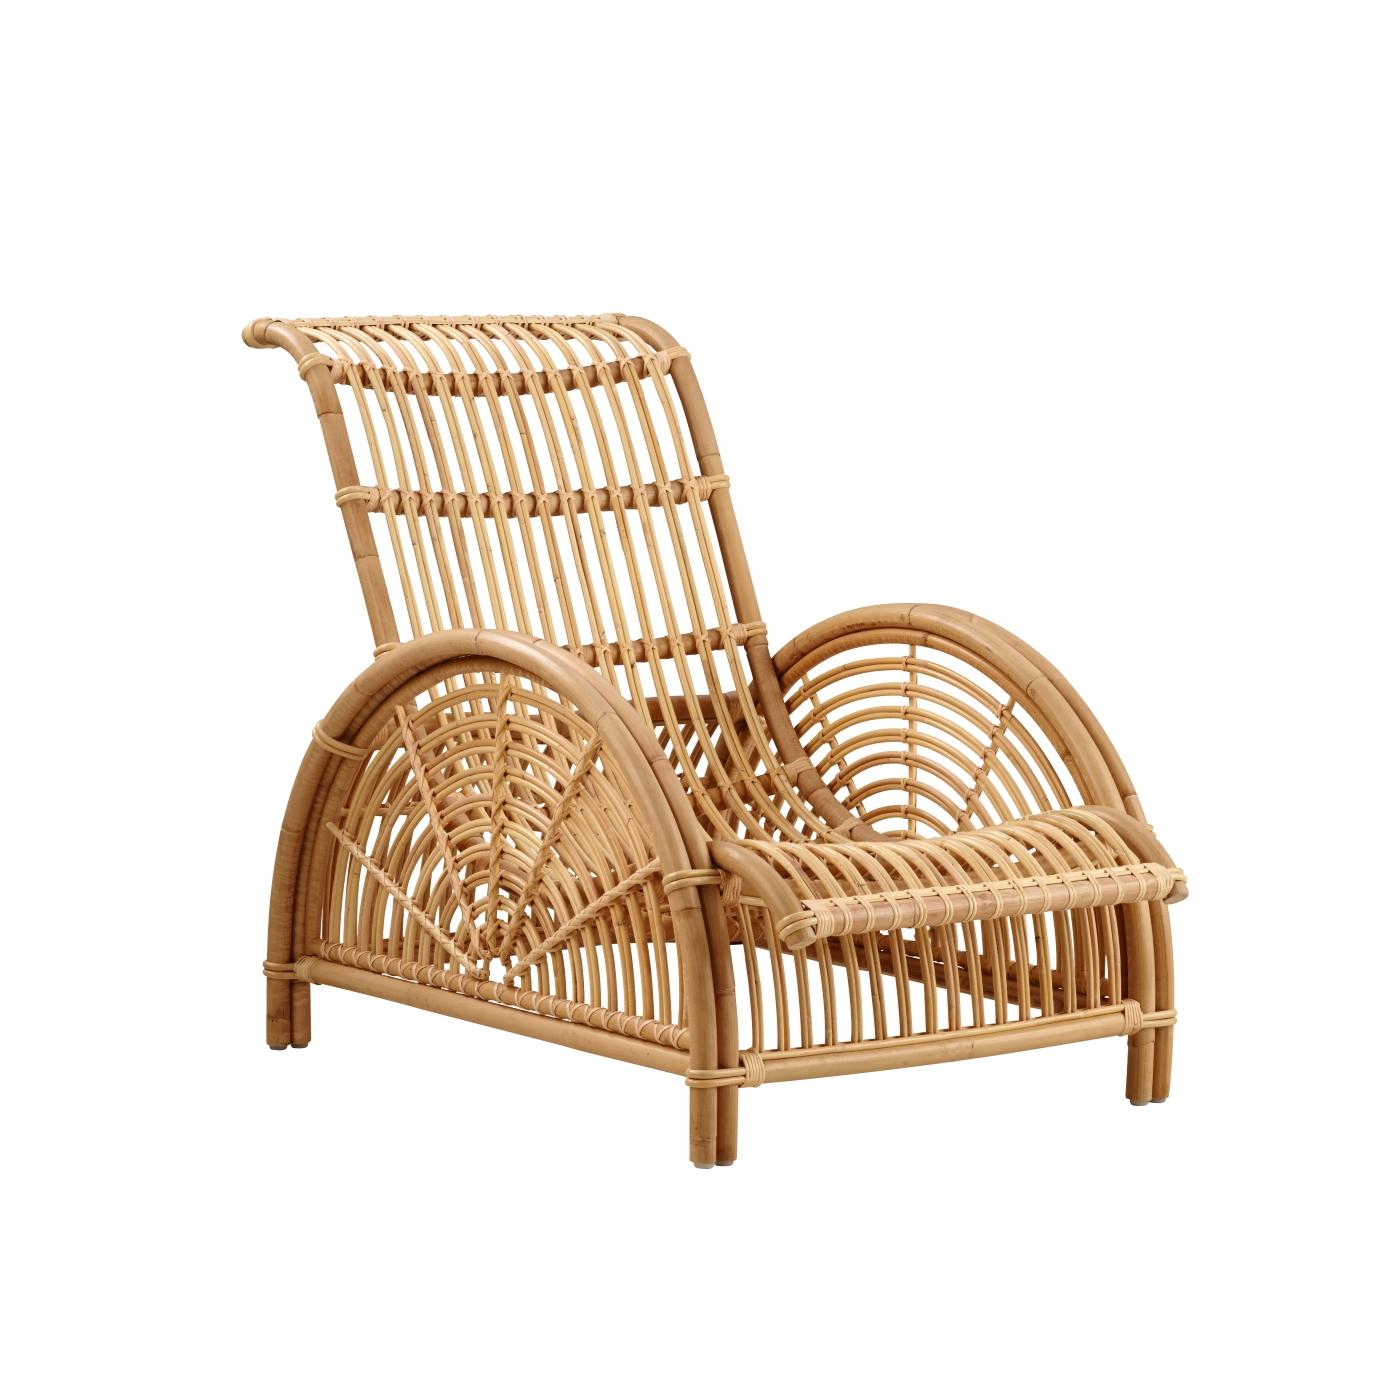 Rottingstol Paris av Arne Jacobsen.